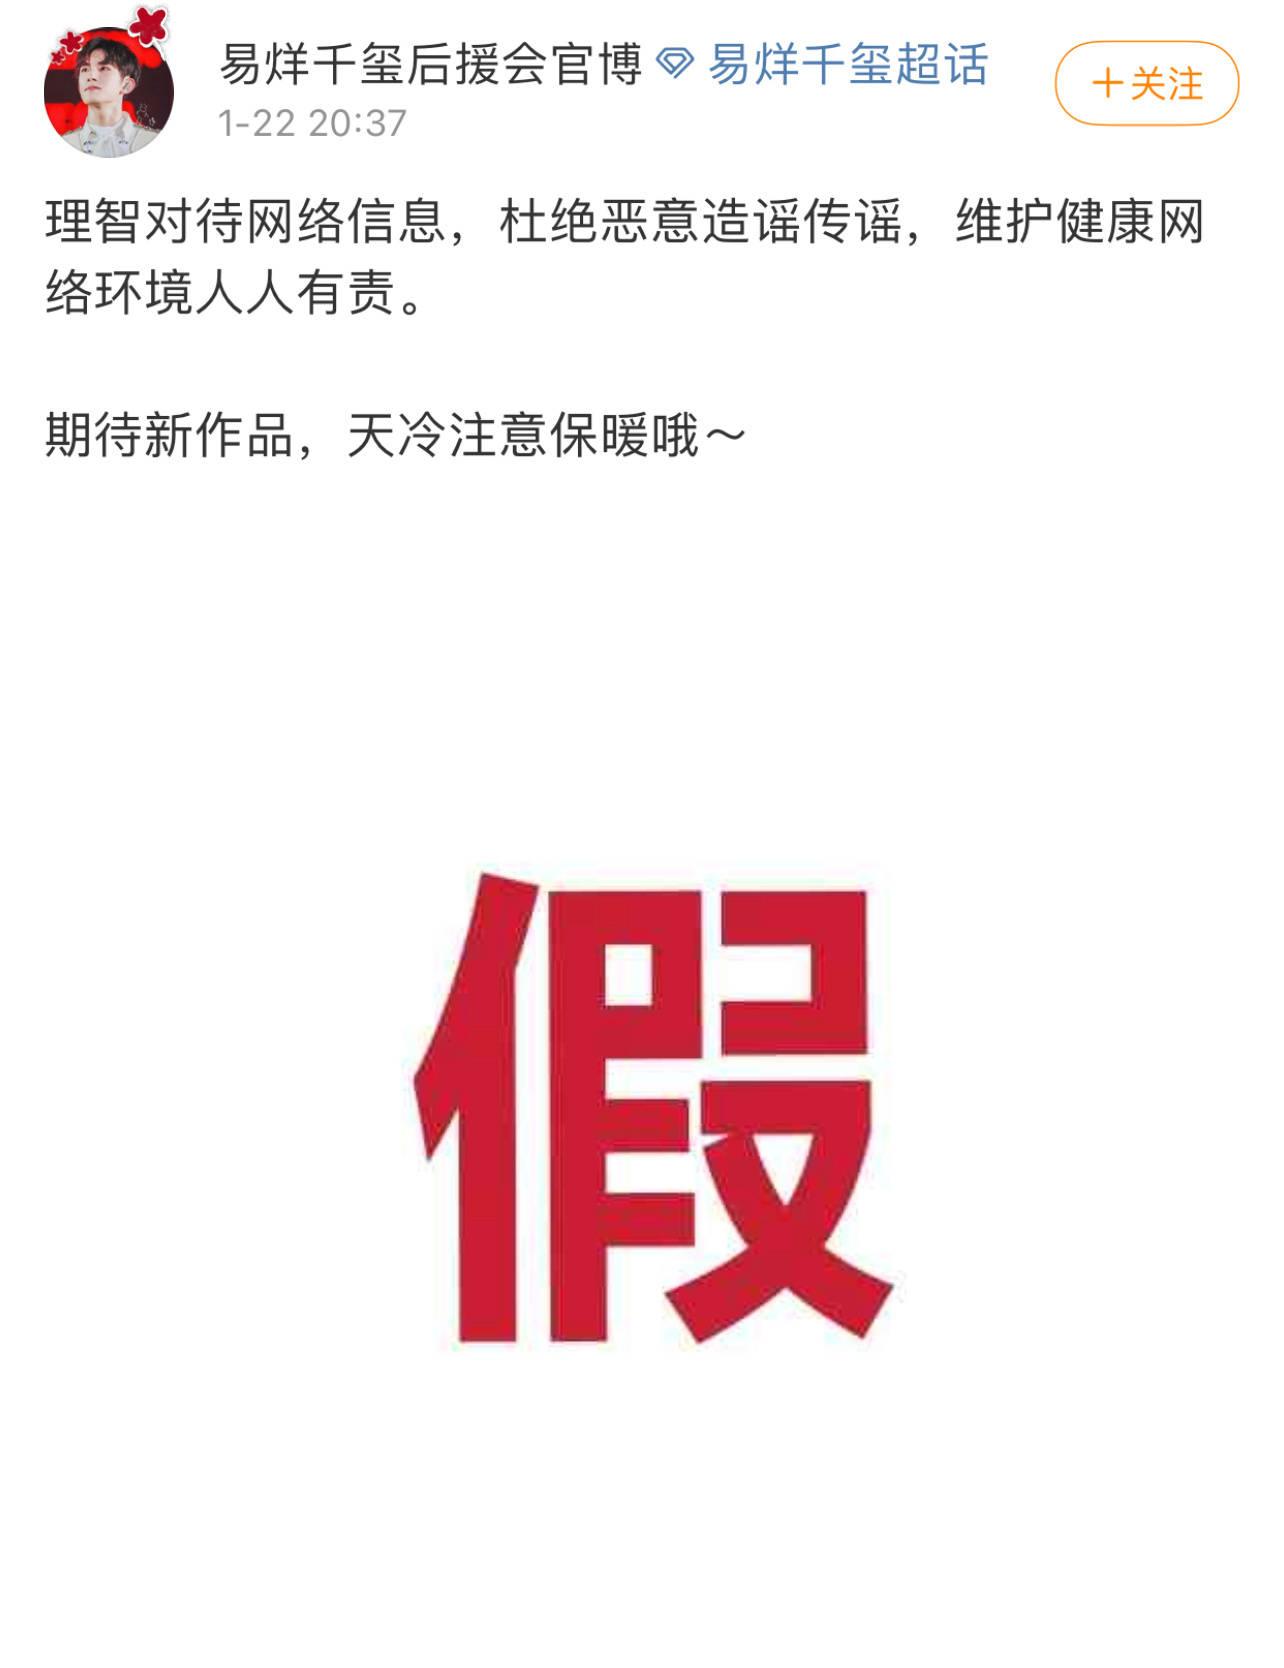 网传易烊千玺与周冬雨不正当关系 易烊千玺后援会在线辟谣